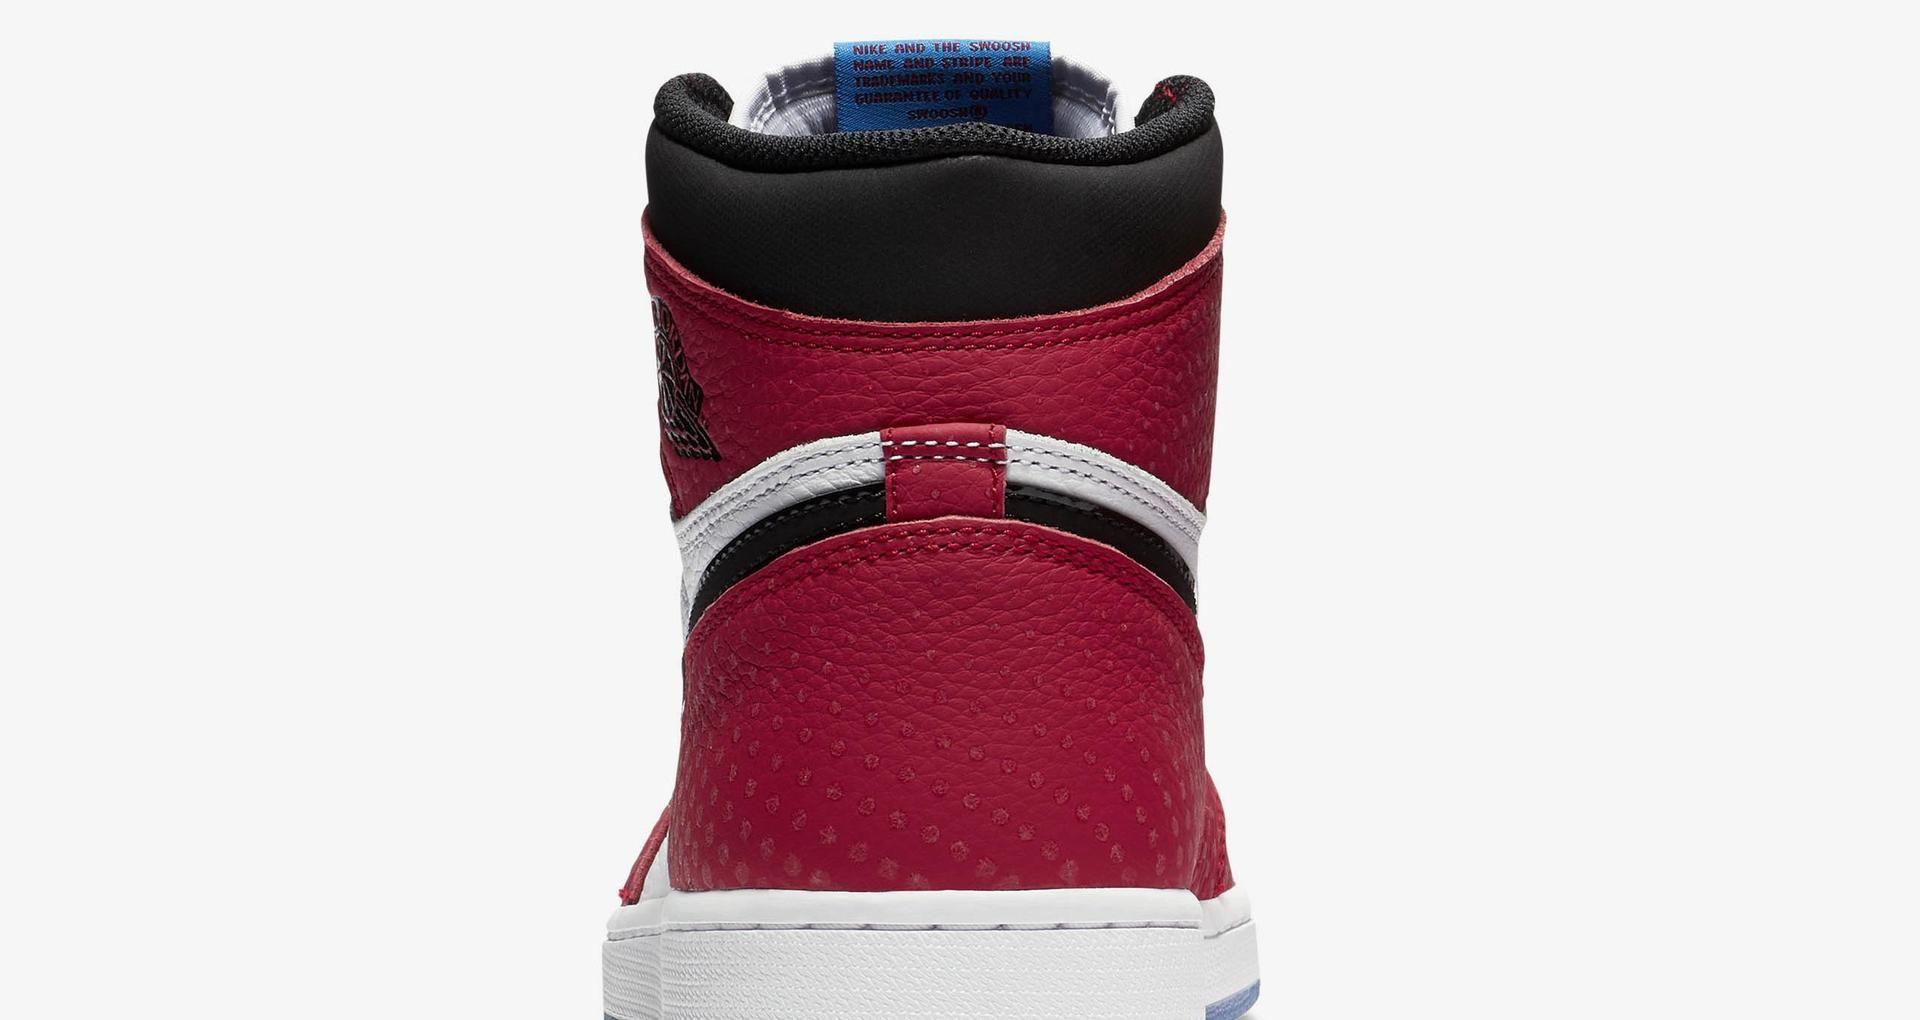 Air Jordan 1 Origin Story Release Date Nike Snkrs